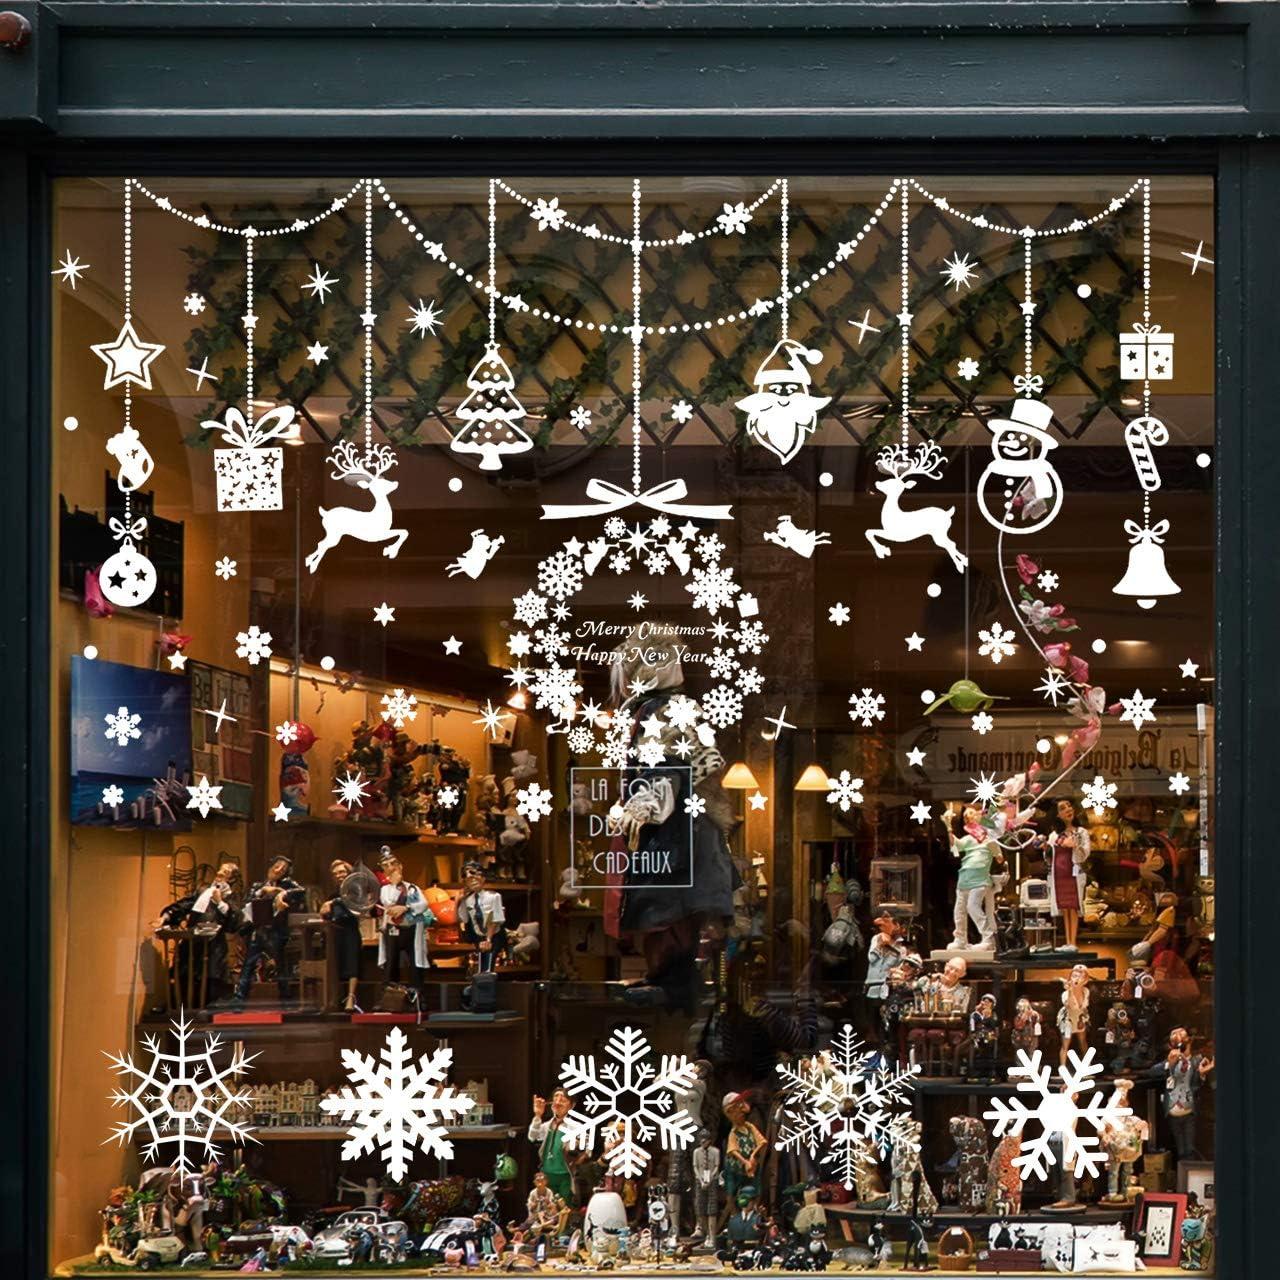 Pegatinas de Navidad, Wokkol Pegatinas de Navidad para Ventanas Pegatinas de Navidad Monigote de Nieve Fiesta extraíbles, Hacen Que el Hogar esté Lleno de Ambiente Navideño(8 PCS -2 Styles)